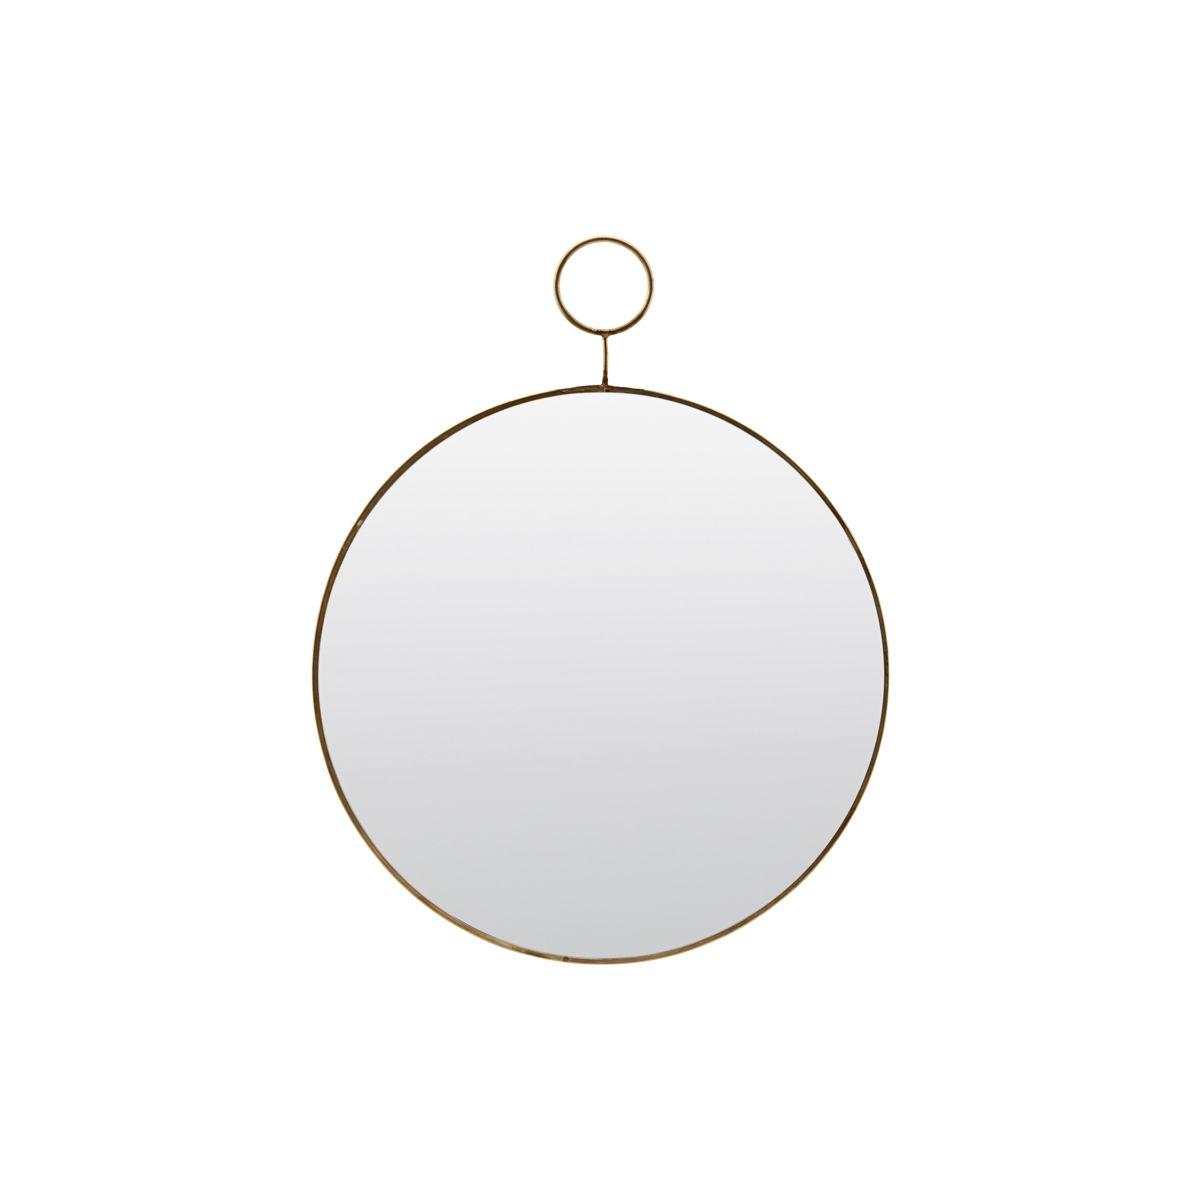 Spegel THE LOOP Ø32cm, House Doctor